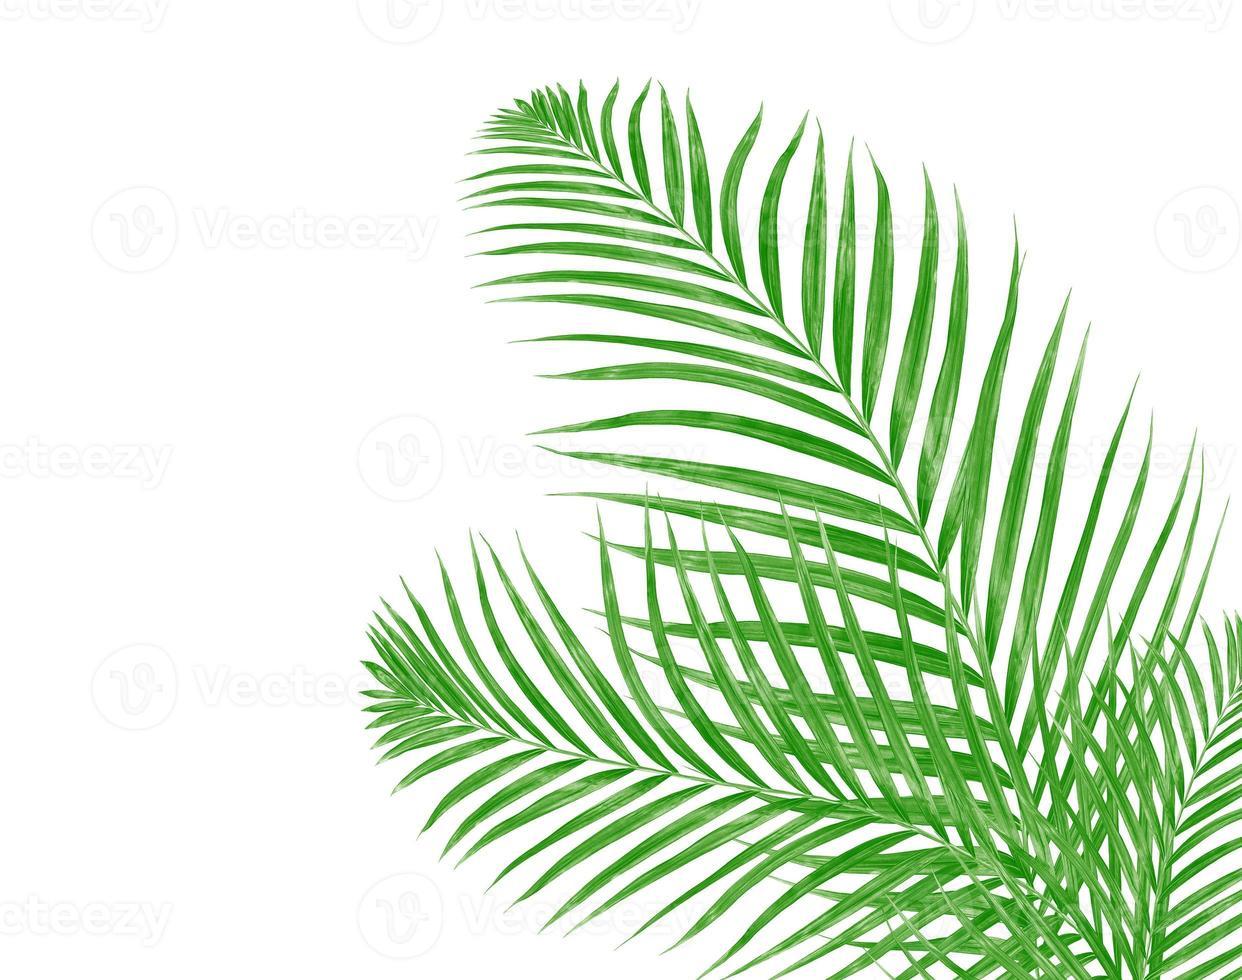 deux feuilles de palmier photo